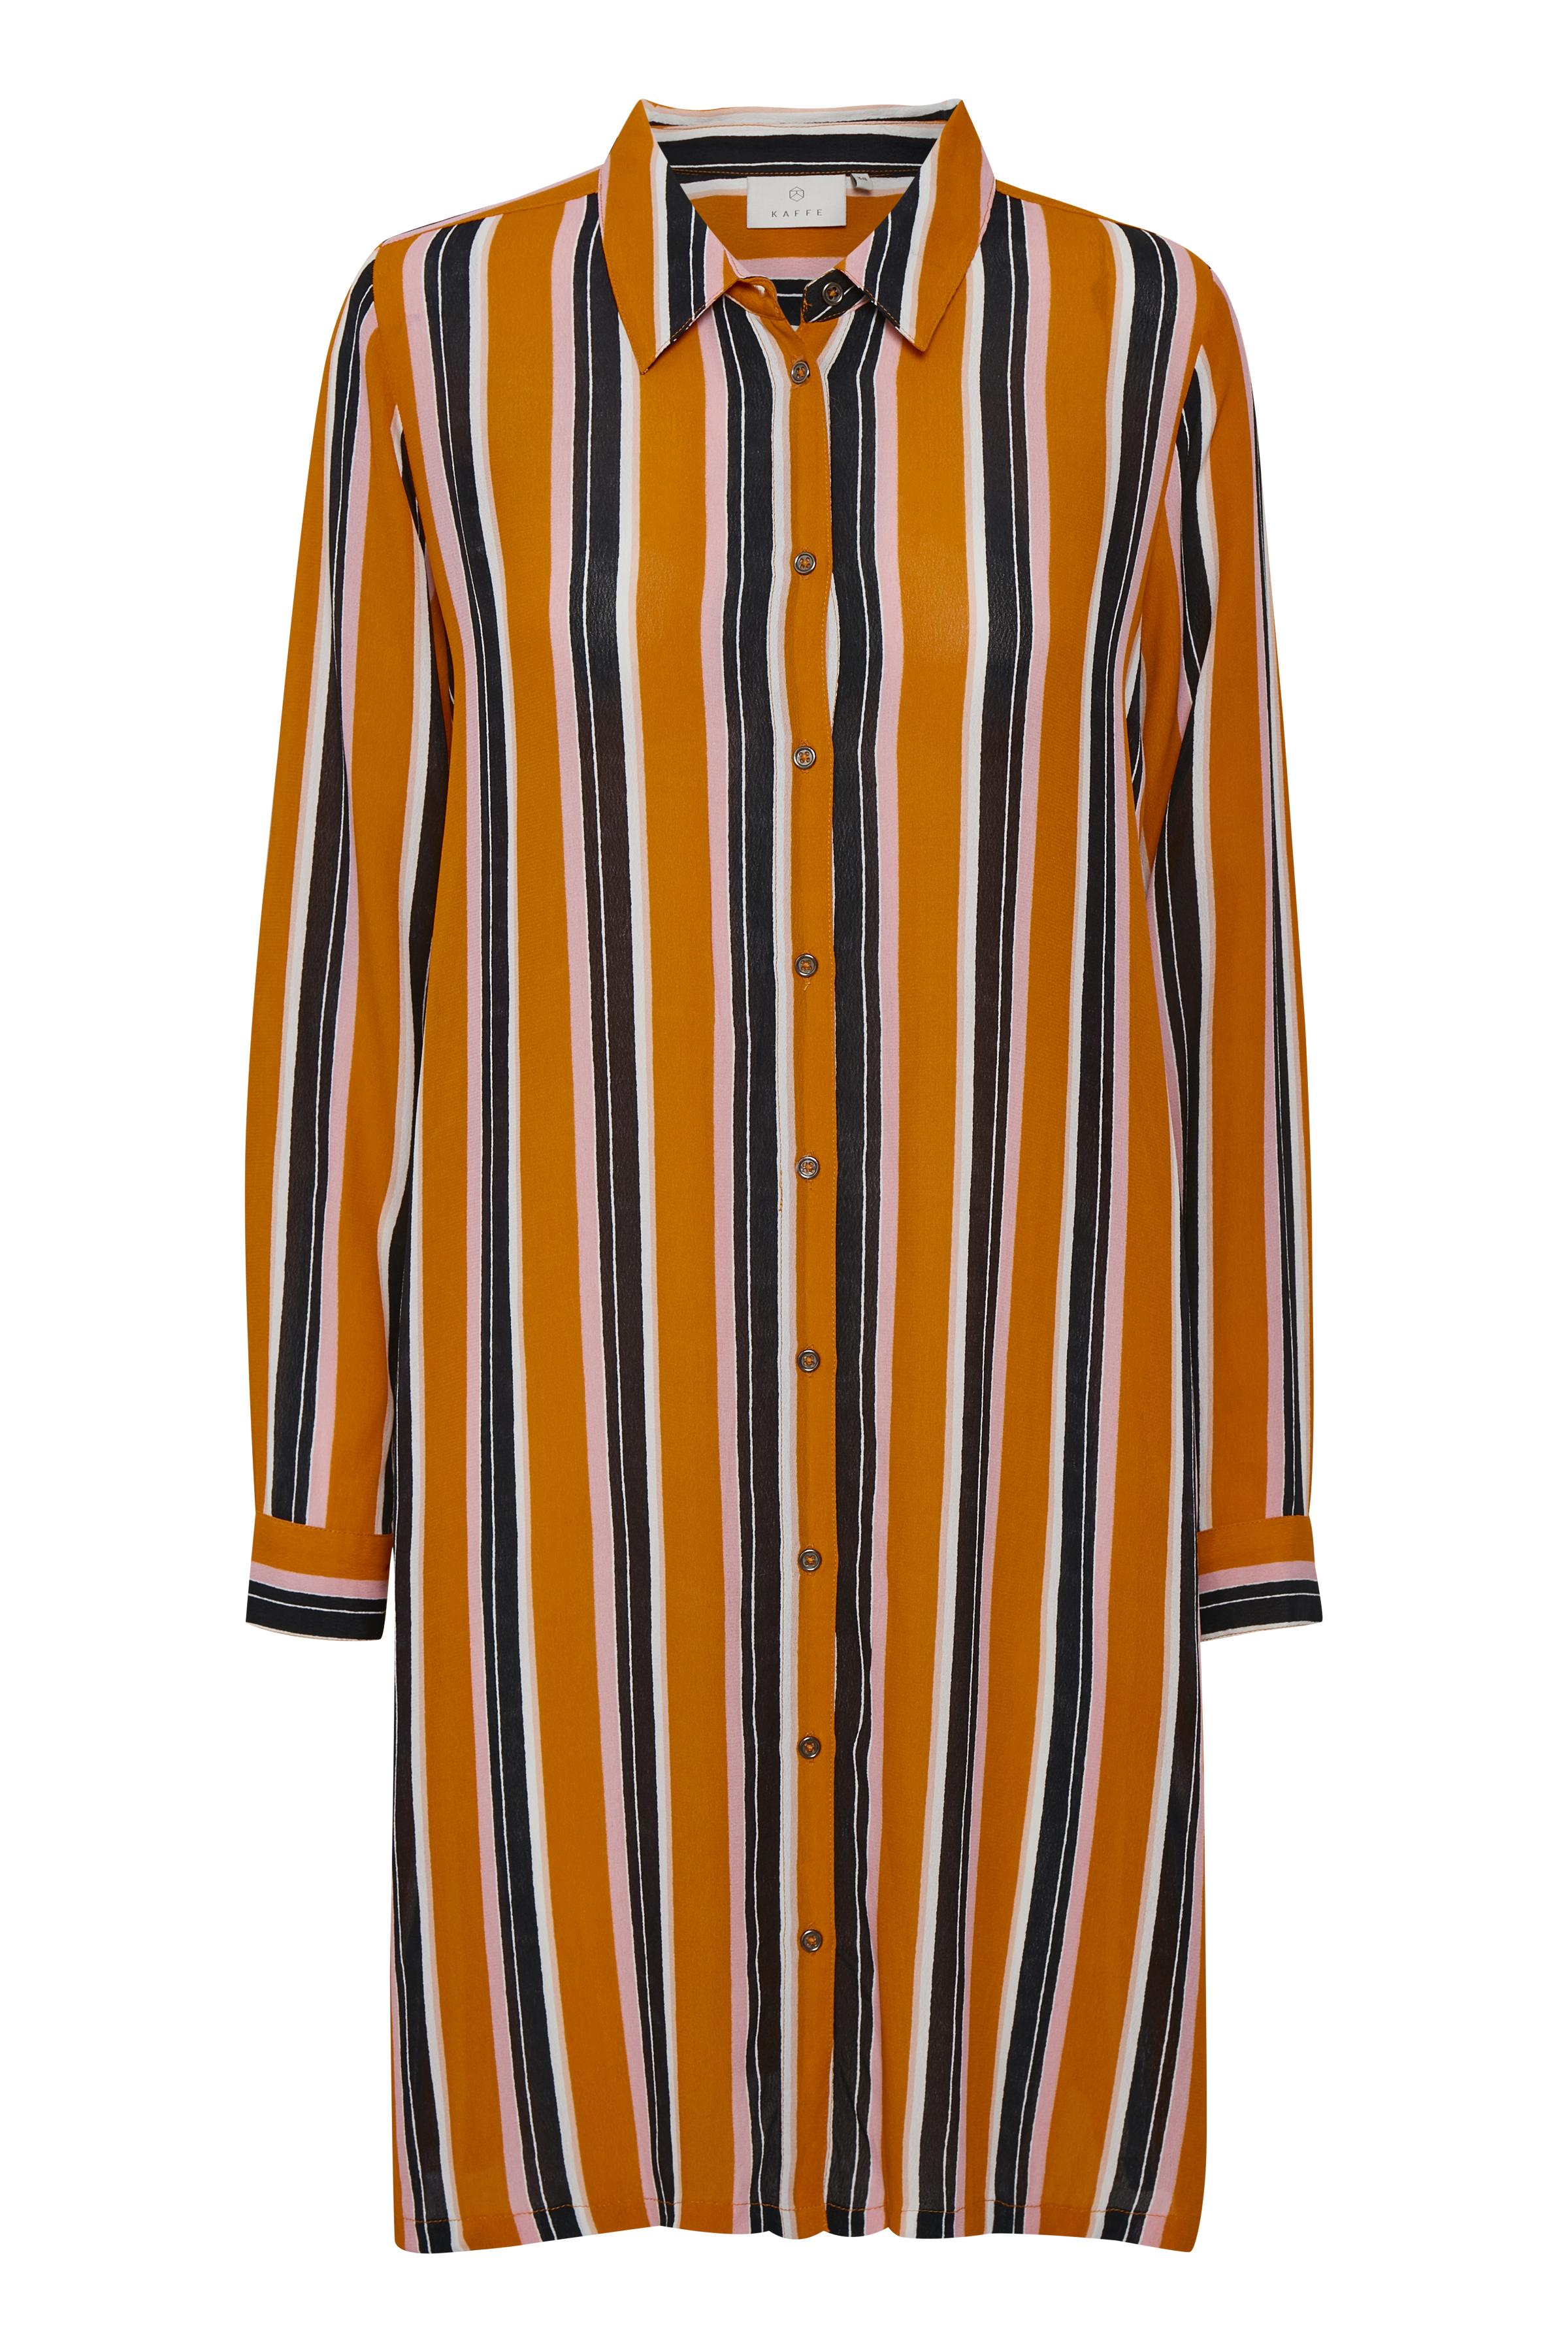 Image of Kaffe Dame Lang skjorte - Orange/sort